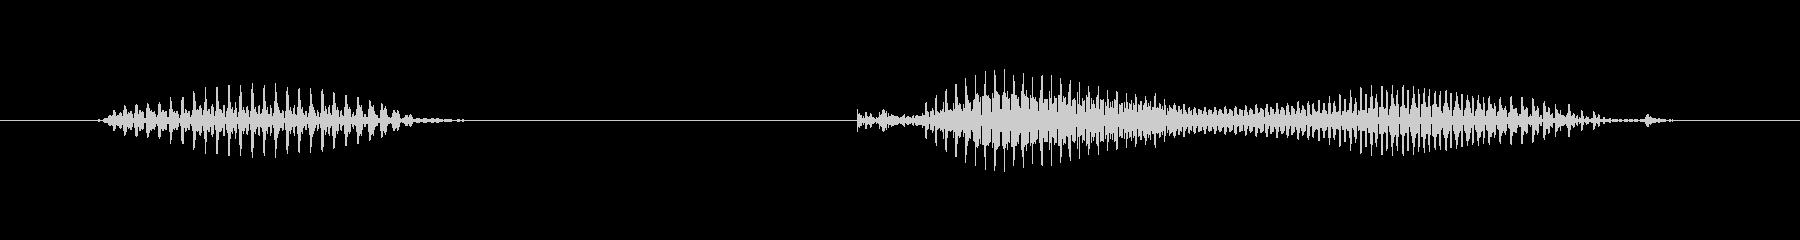 【日数・後】3日後の未再生の波形